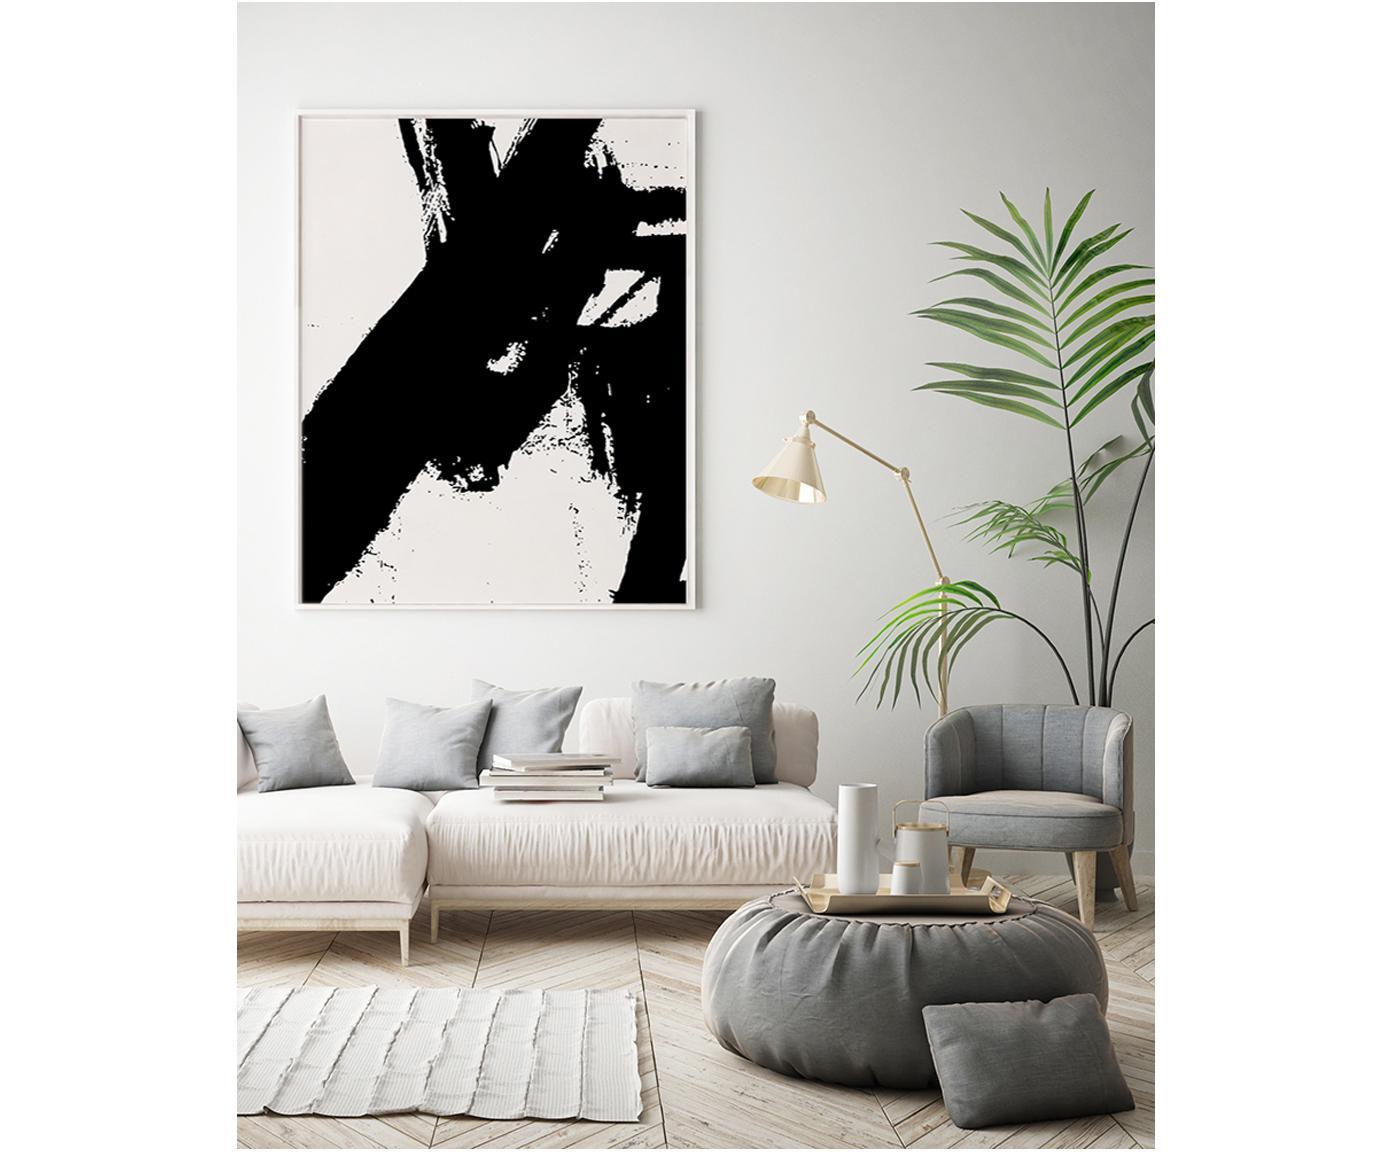 Gerahmter Leinwanddruck Franz Kline, Bild: Digitaldruck auf Leinen (, Rahmen: Holz, beschichtet, Schwarz, Weiss, 82 x 102 cm